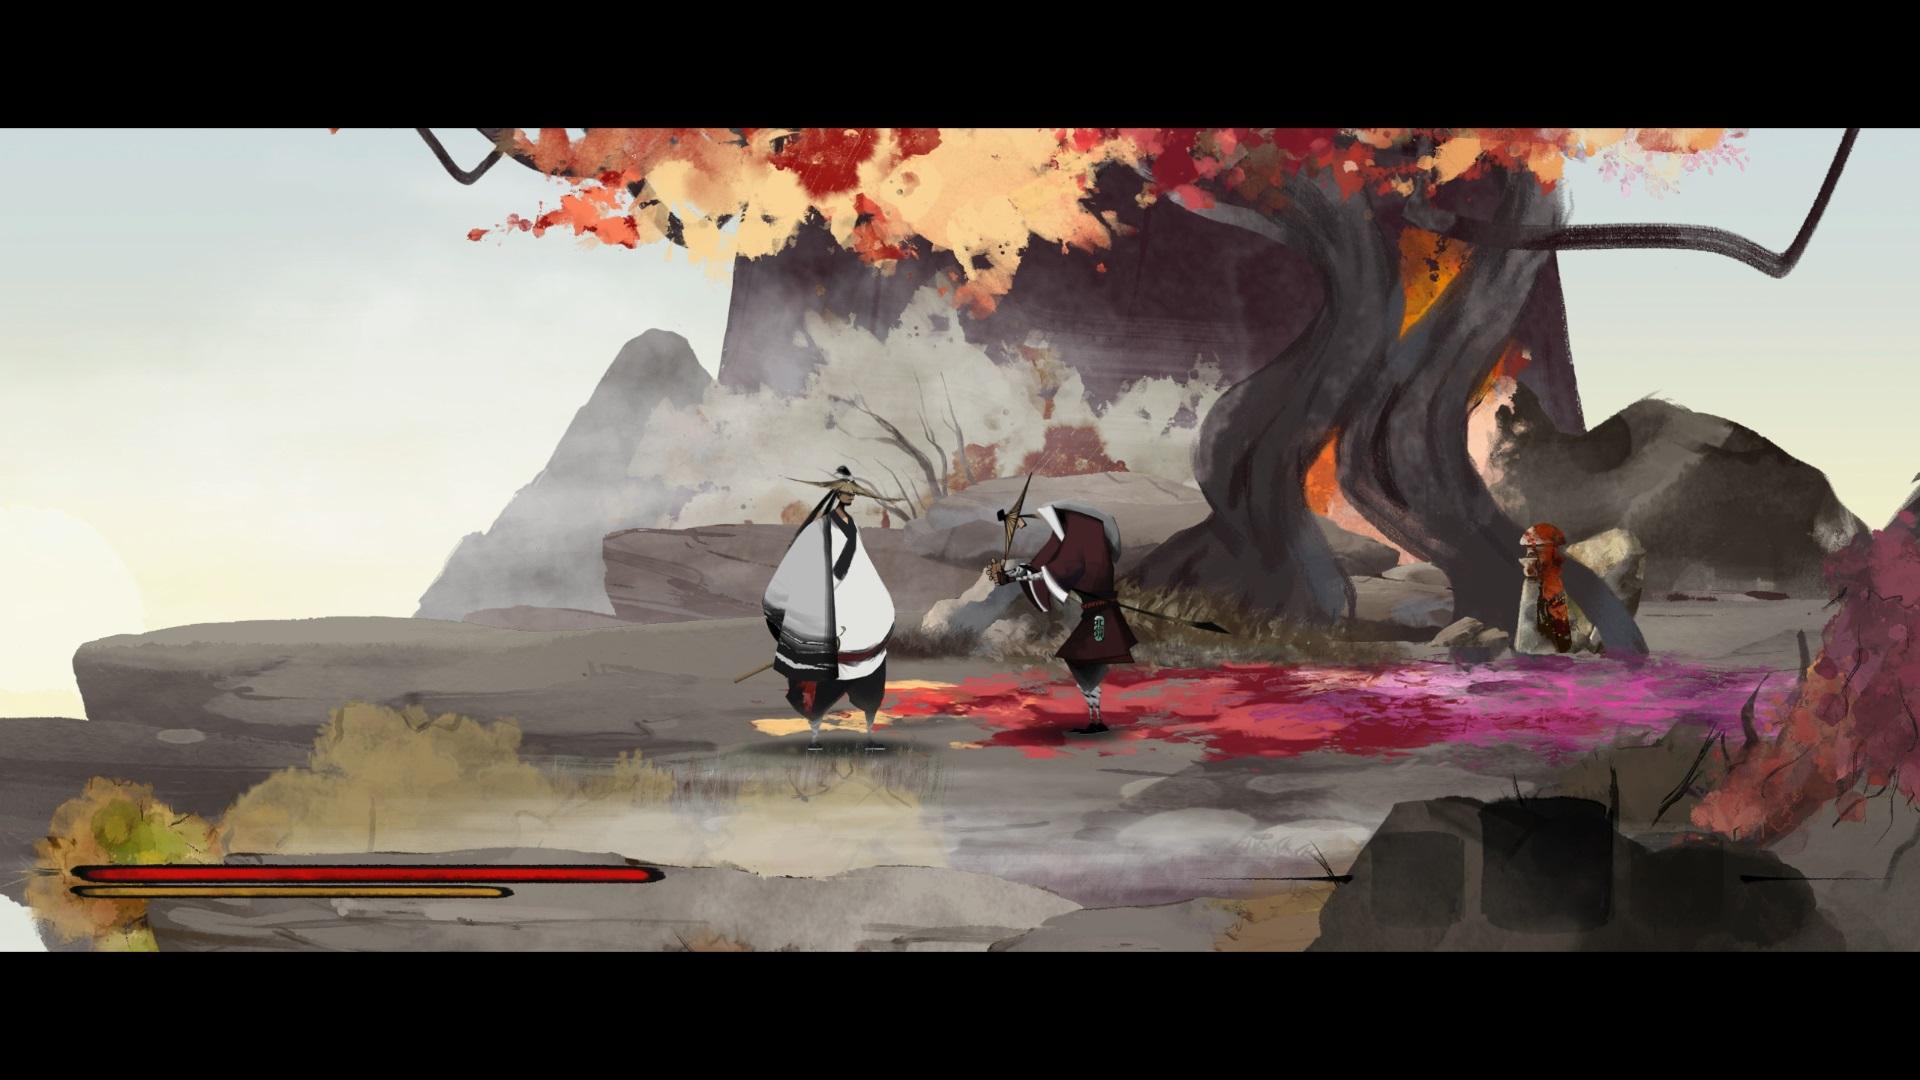 刀剑动作游戏《听风者也》现已发售 首发还可享受九折优惠哦